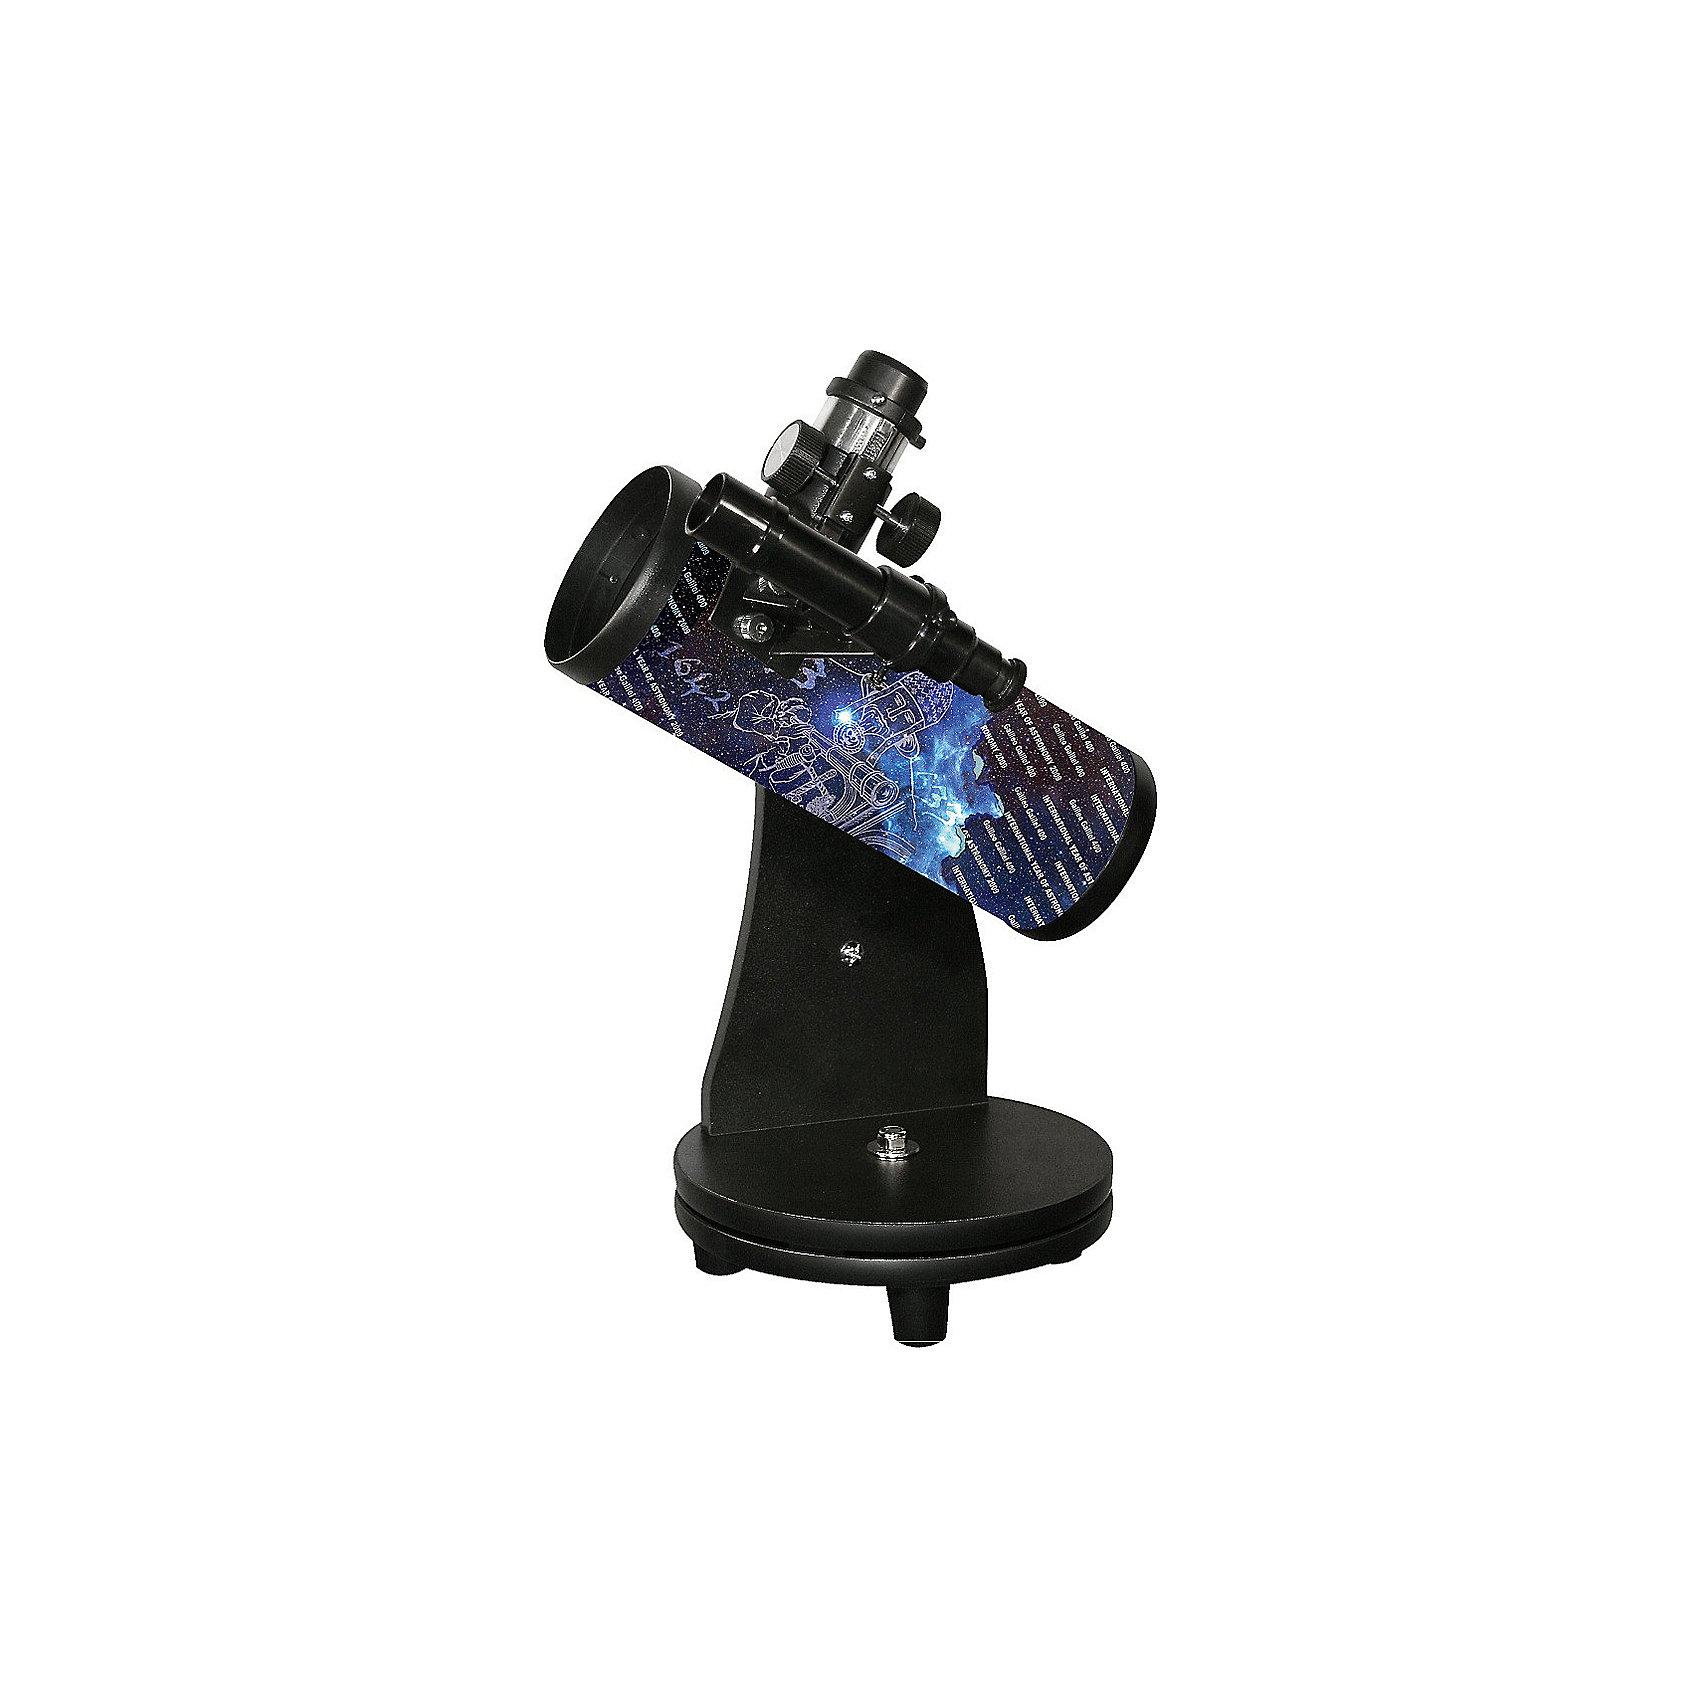 Телескоп Sky-Watcher Dob 76/300 Heritage, настольныйТелескопы<br>Характеристики товара:<br><br>• материал: металл, пластик<br>• тип телескопа: рефлектор<br>• максимальное полезное увеличение: 152 крат<br>• светосила (относительное отверстие): f/4<br>• искатель: оптический, 5x24<br>• тип управления телескопом: ручной<br>• фокусное расстояние: 300 мм<br>• тип монтировки: азимутальная<br>• габариты в упаковке: 39х24х24 см<br>• вес в упаковке: 2,6 кг<br>• страна бренда: КНР<br>• страна производства: КНР<br><br>Телескоп - это отличный способ заинтересовать ребенка наблюдениями за небесными телами и привить ему интерес к учебе. Эта модель была разработана специально для детей - он позволяет увеличивать предметы из космоса и изучать их. Благодаря легкому и прочному корпусу телескоп удобно брать с собой!<br><br>Оптические приборы от компании Sky-Watcher уже успели зарекомендовать себя как качественная и надежная продукция. Для их производства используются только безопасные и проверенные материалы. Такой прибор способен прослужить долго. Подарите ребенку интересную и полезную вещь!<br><br>Телескоп Sky-Watcher Dob 76/300 Heritage, настольный, можно купить в нашем интернет-магазине.<br><br>Ширина мм: 390<br>Глубина мм: 240<br>Высота мм: 240<br>Вес г: 2600<br>Возраст от месяцев: 60<br>Возраст до месяцев: 2147483647<br>Пол: Унисекс<br>Возраст: Детский<br>SKU: 5435332